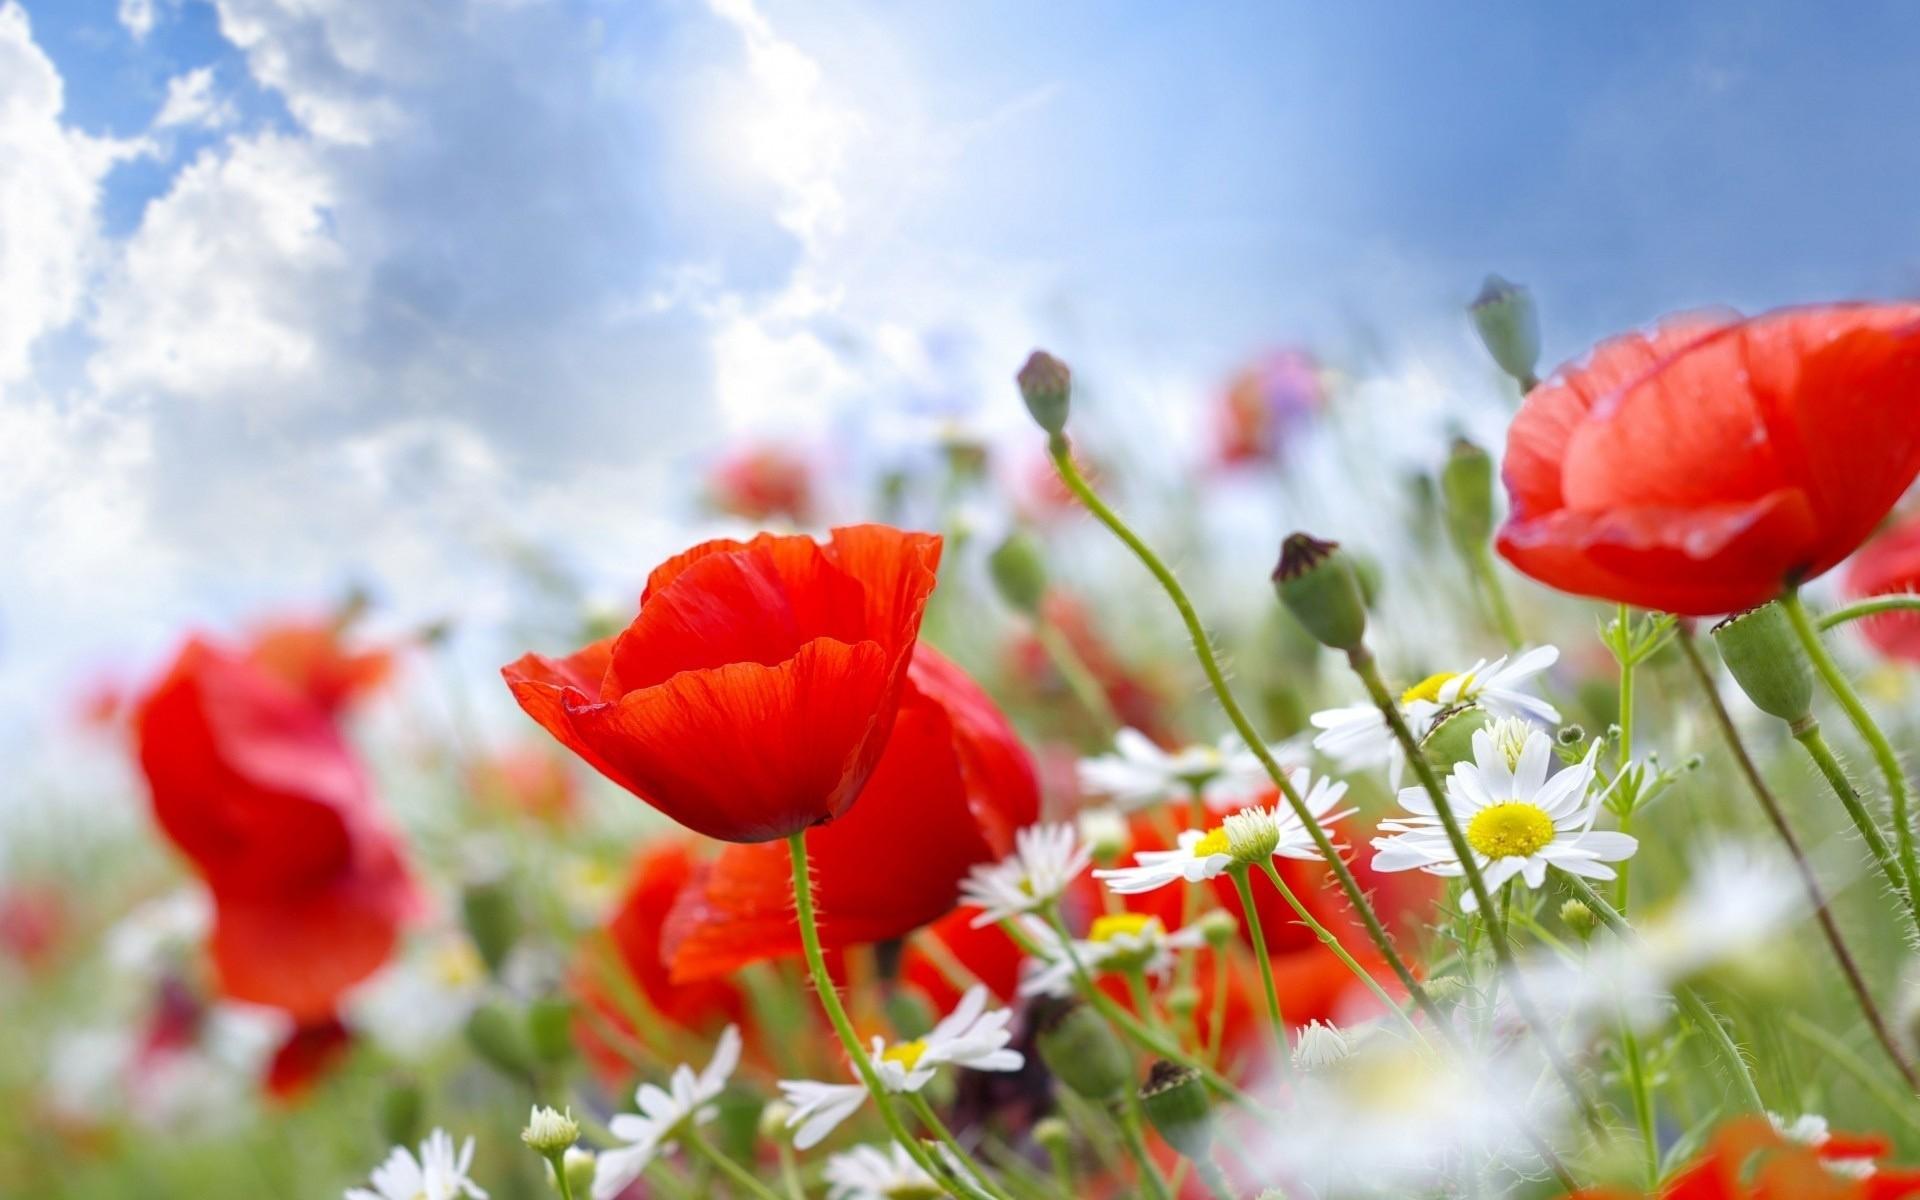 Flores blancas y rojas - 1920x1200